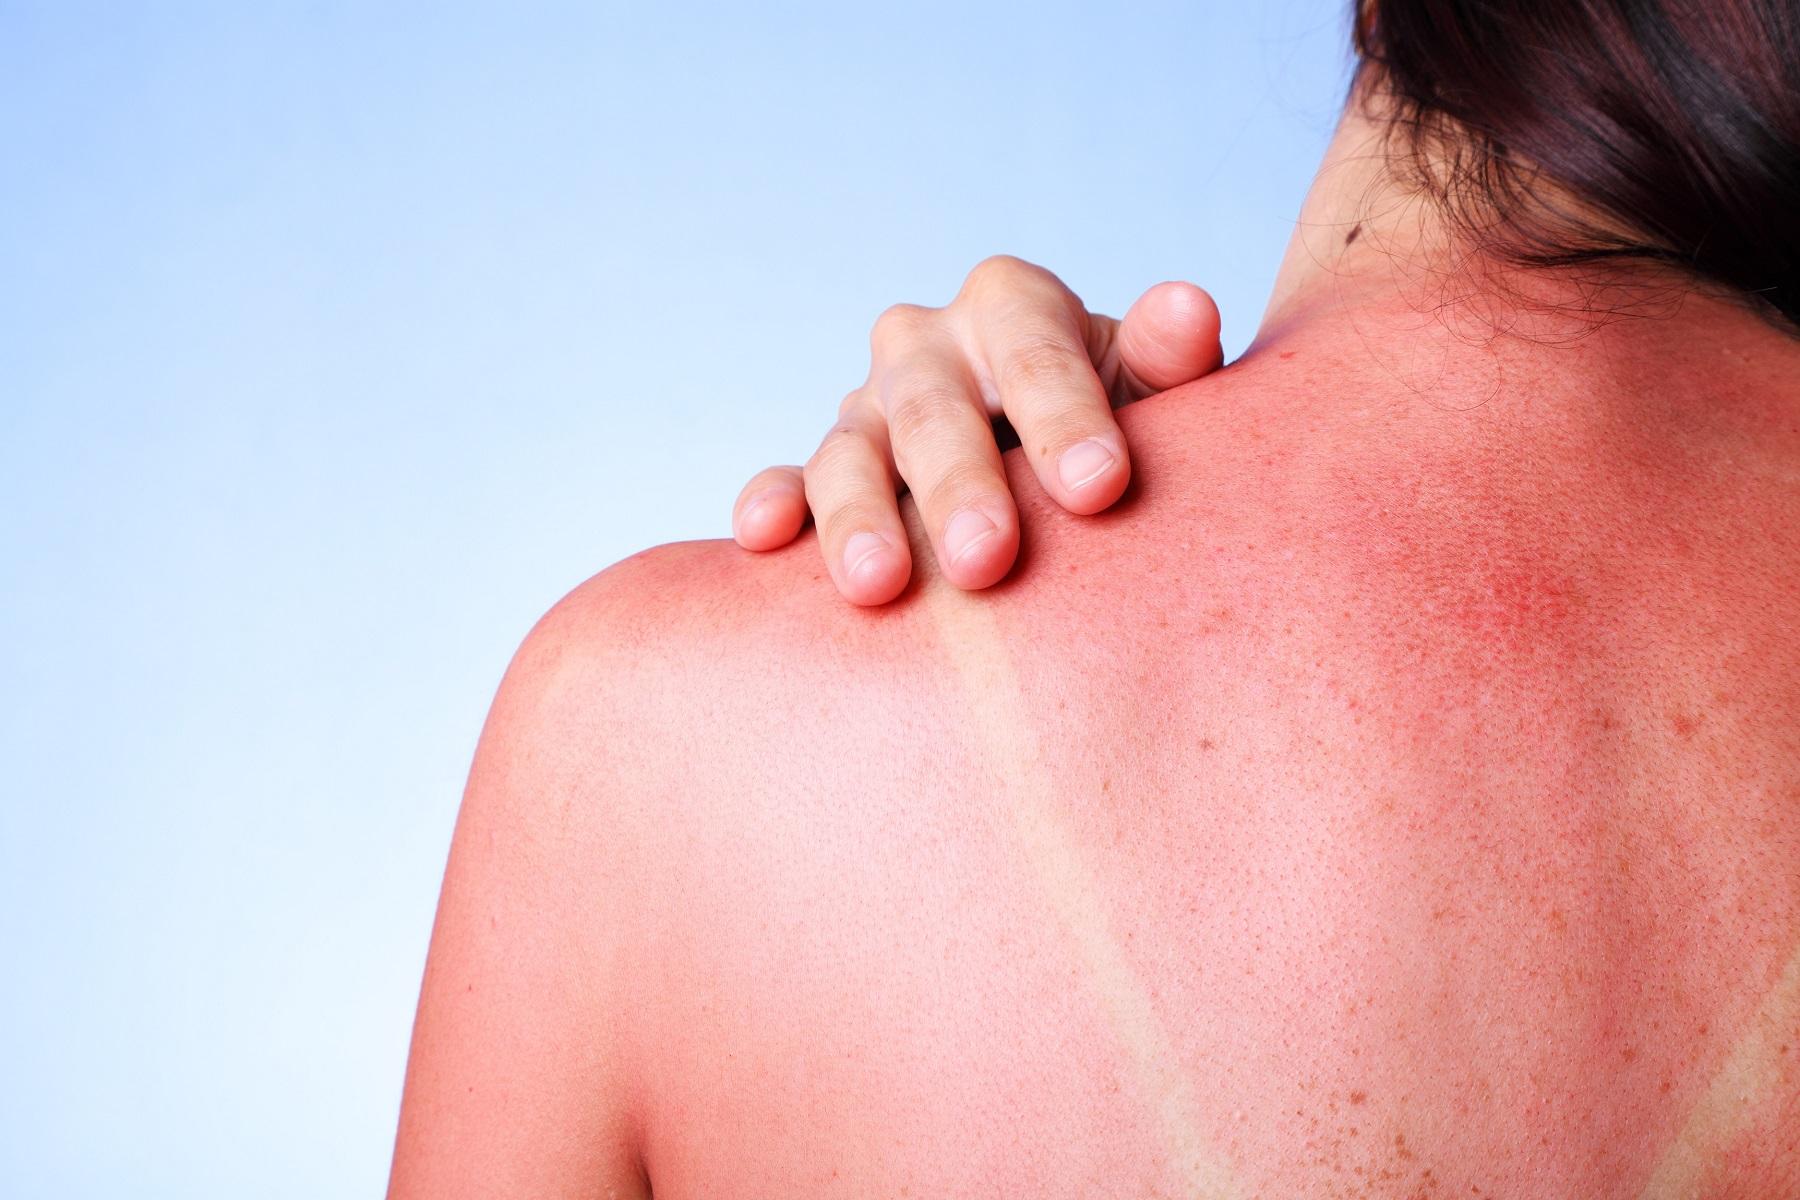 Θάλασσα Ήλιος: Πώς να θεραπεύσετε ένα ηλιακό έγκαυμα